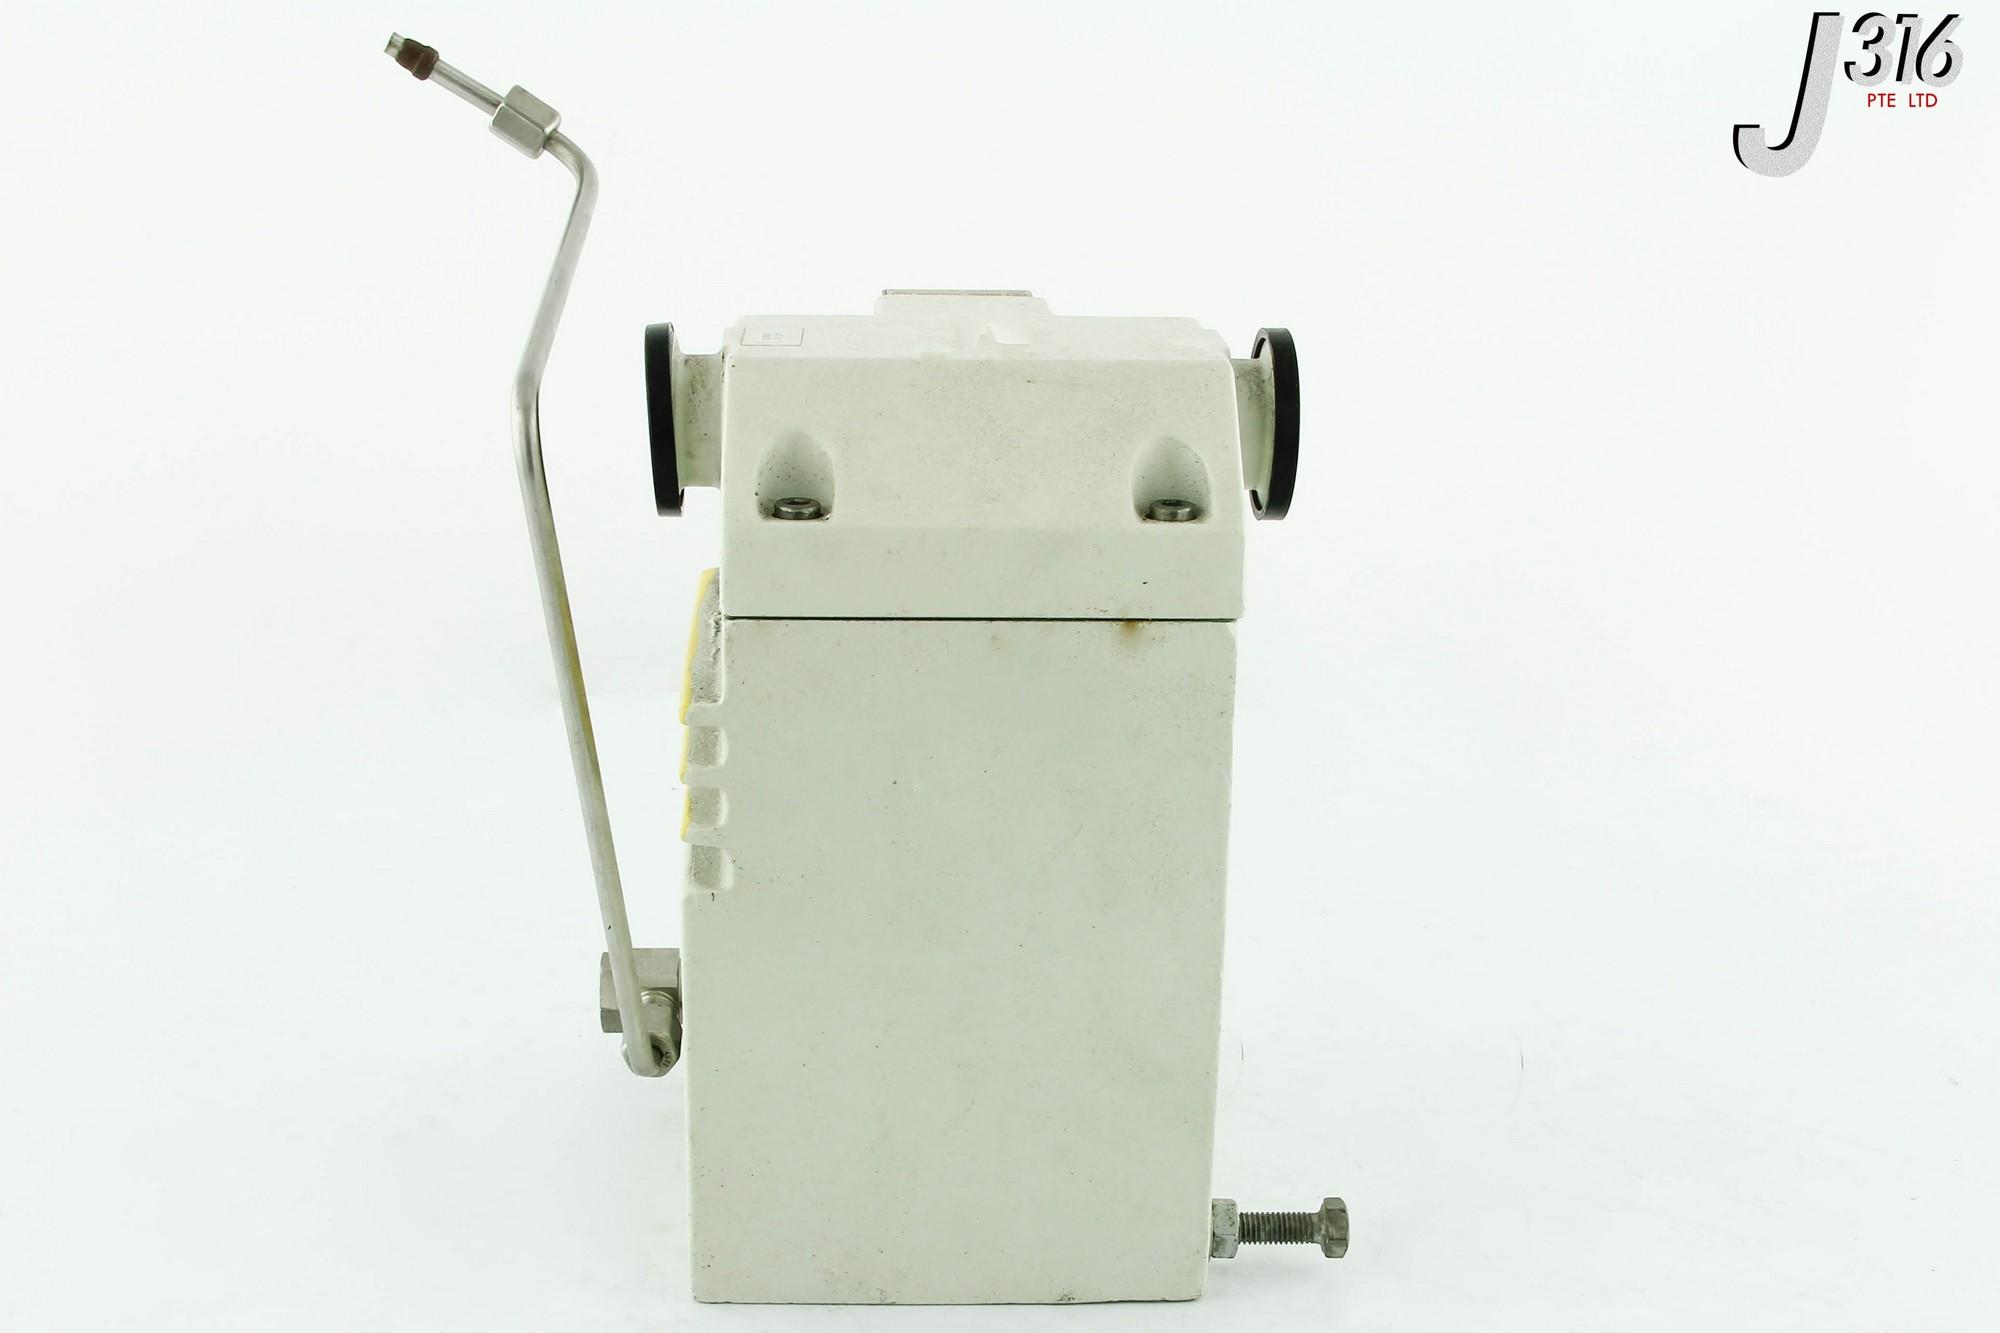 Leybold Ars 16-25 Exhaust Filter Demister for sale online